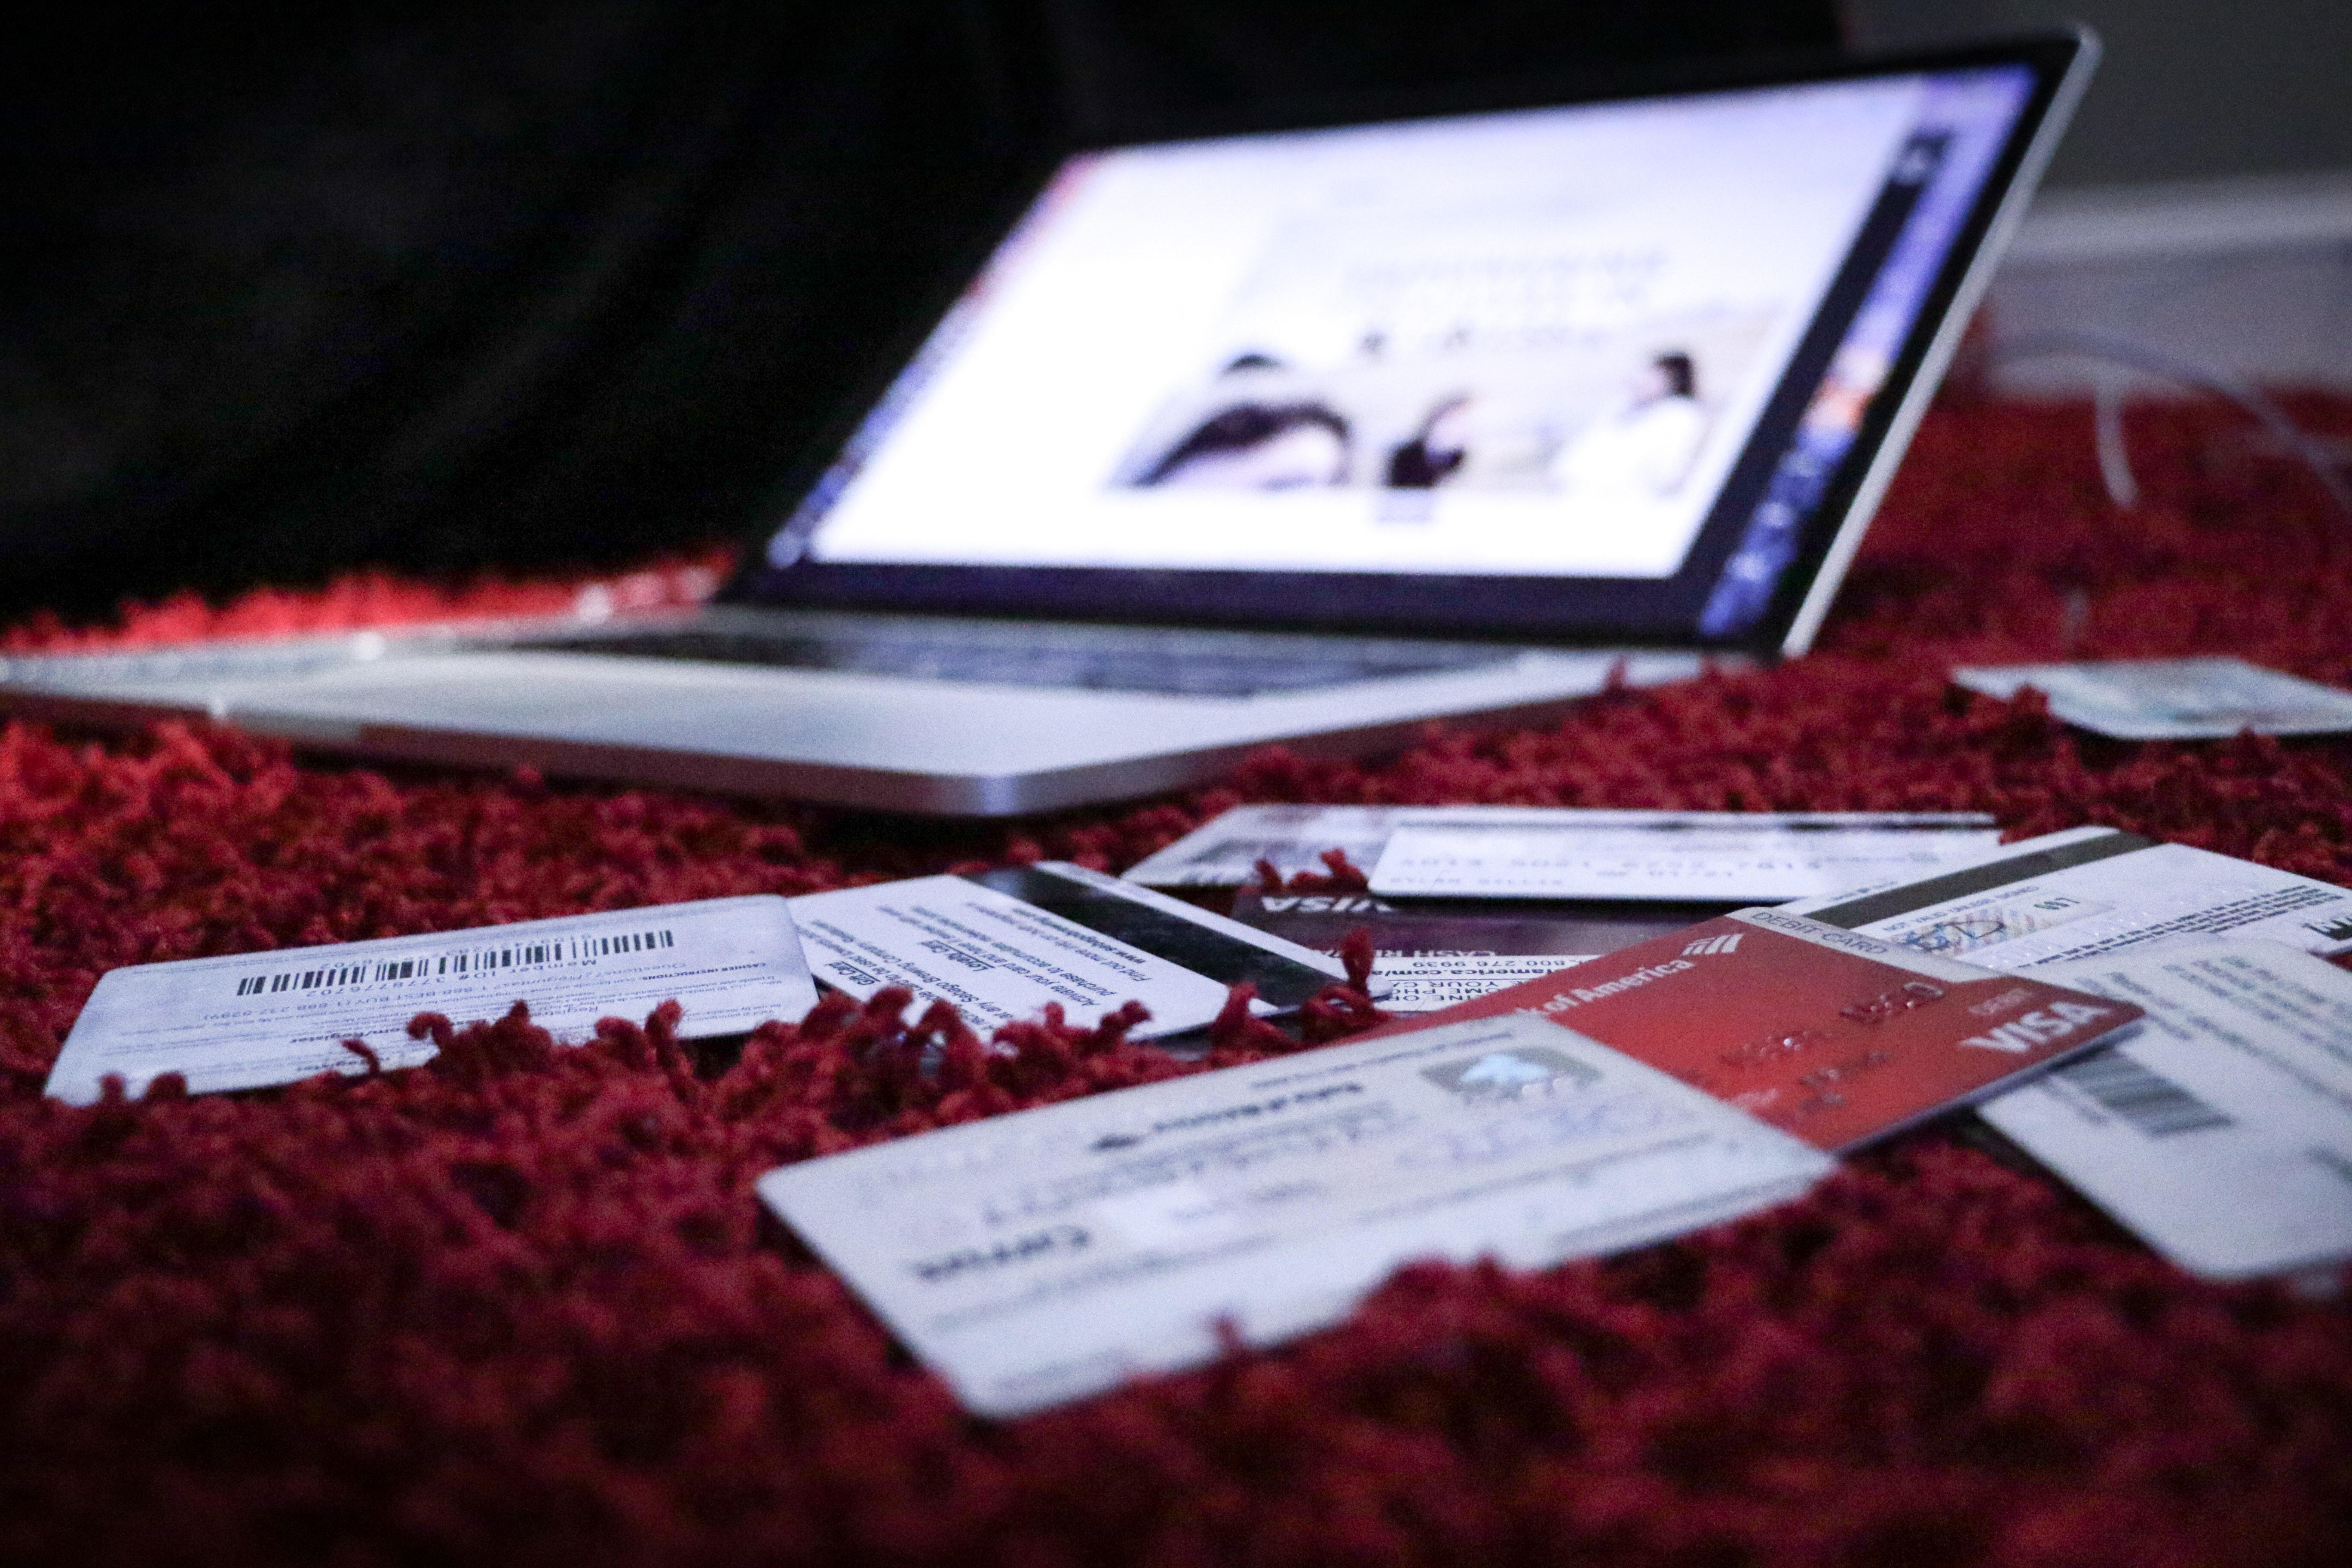 где можно получить кредит онлайн и наличными с плохой кредитной историей и просрочками без отказа срочно